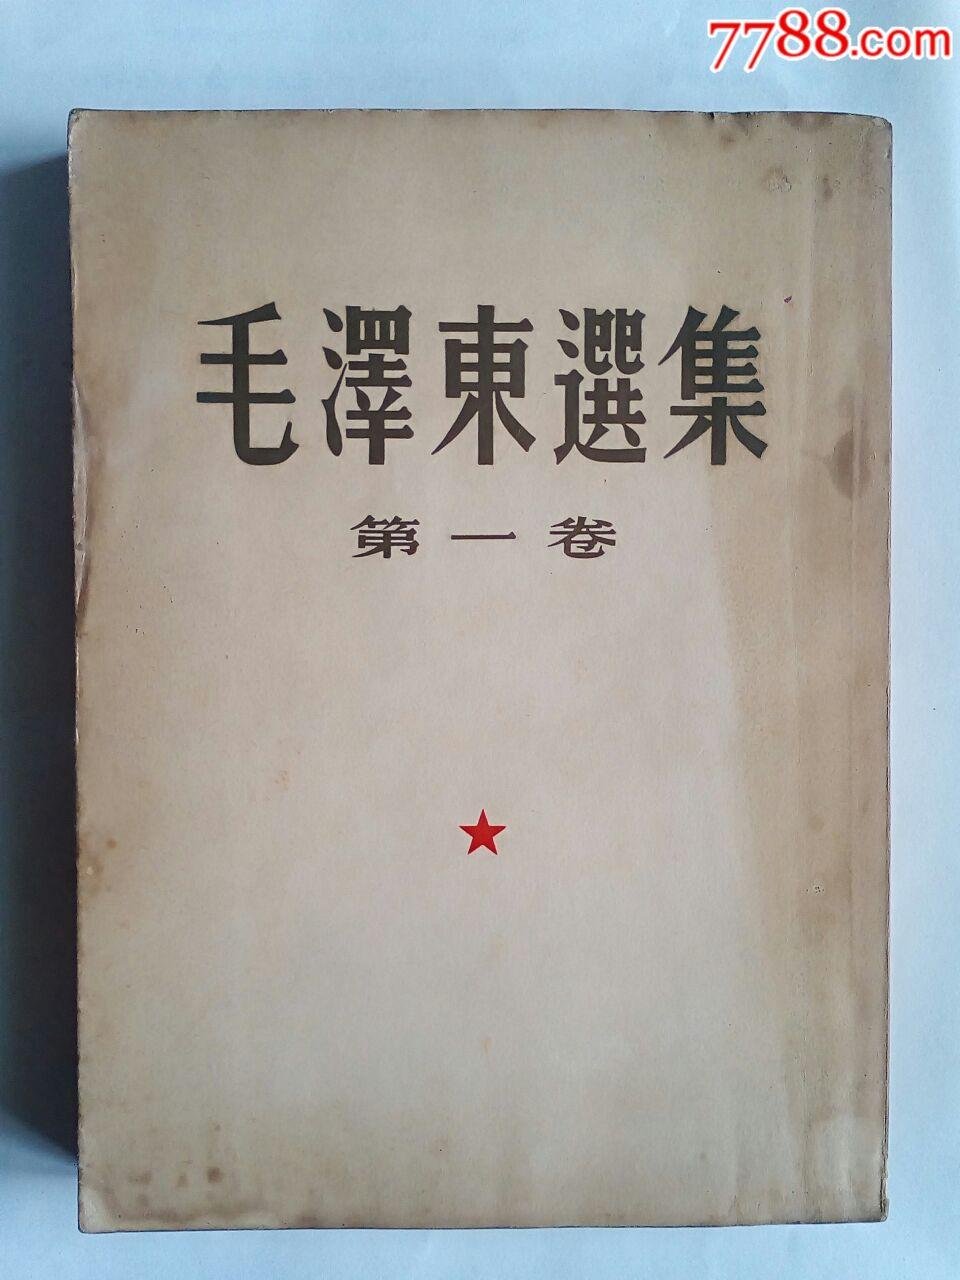 毛泽东选集(1~5册一版一?。?au20126329)_